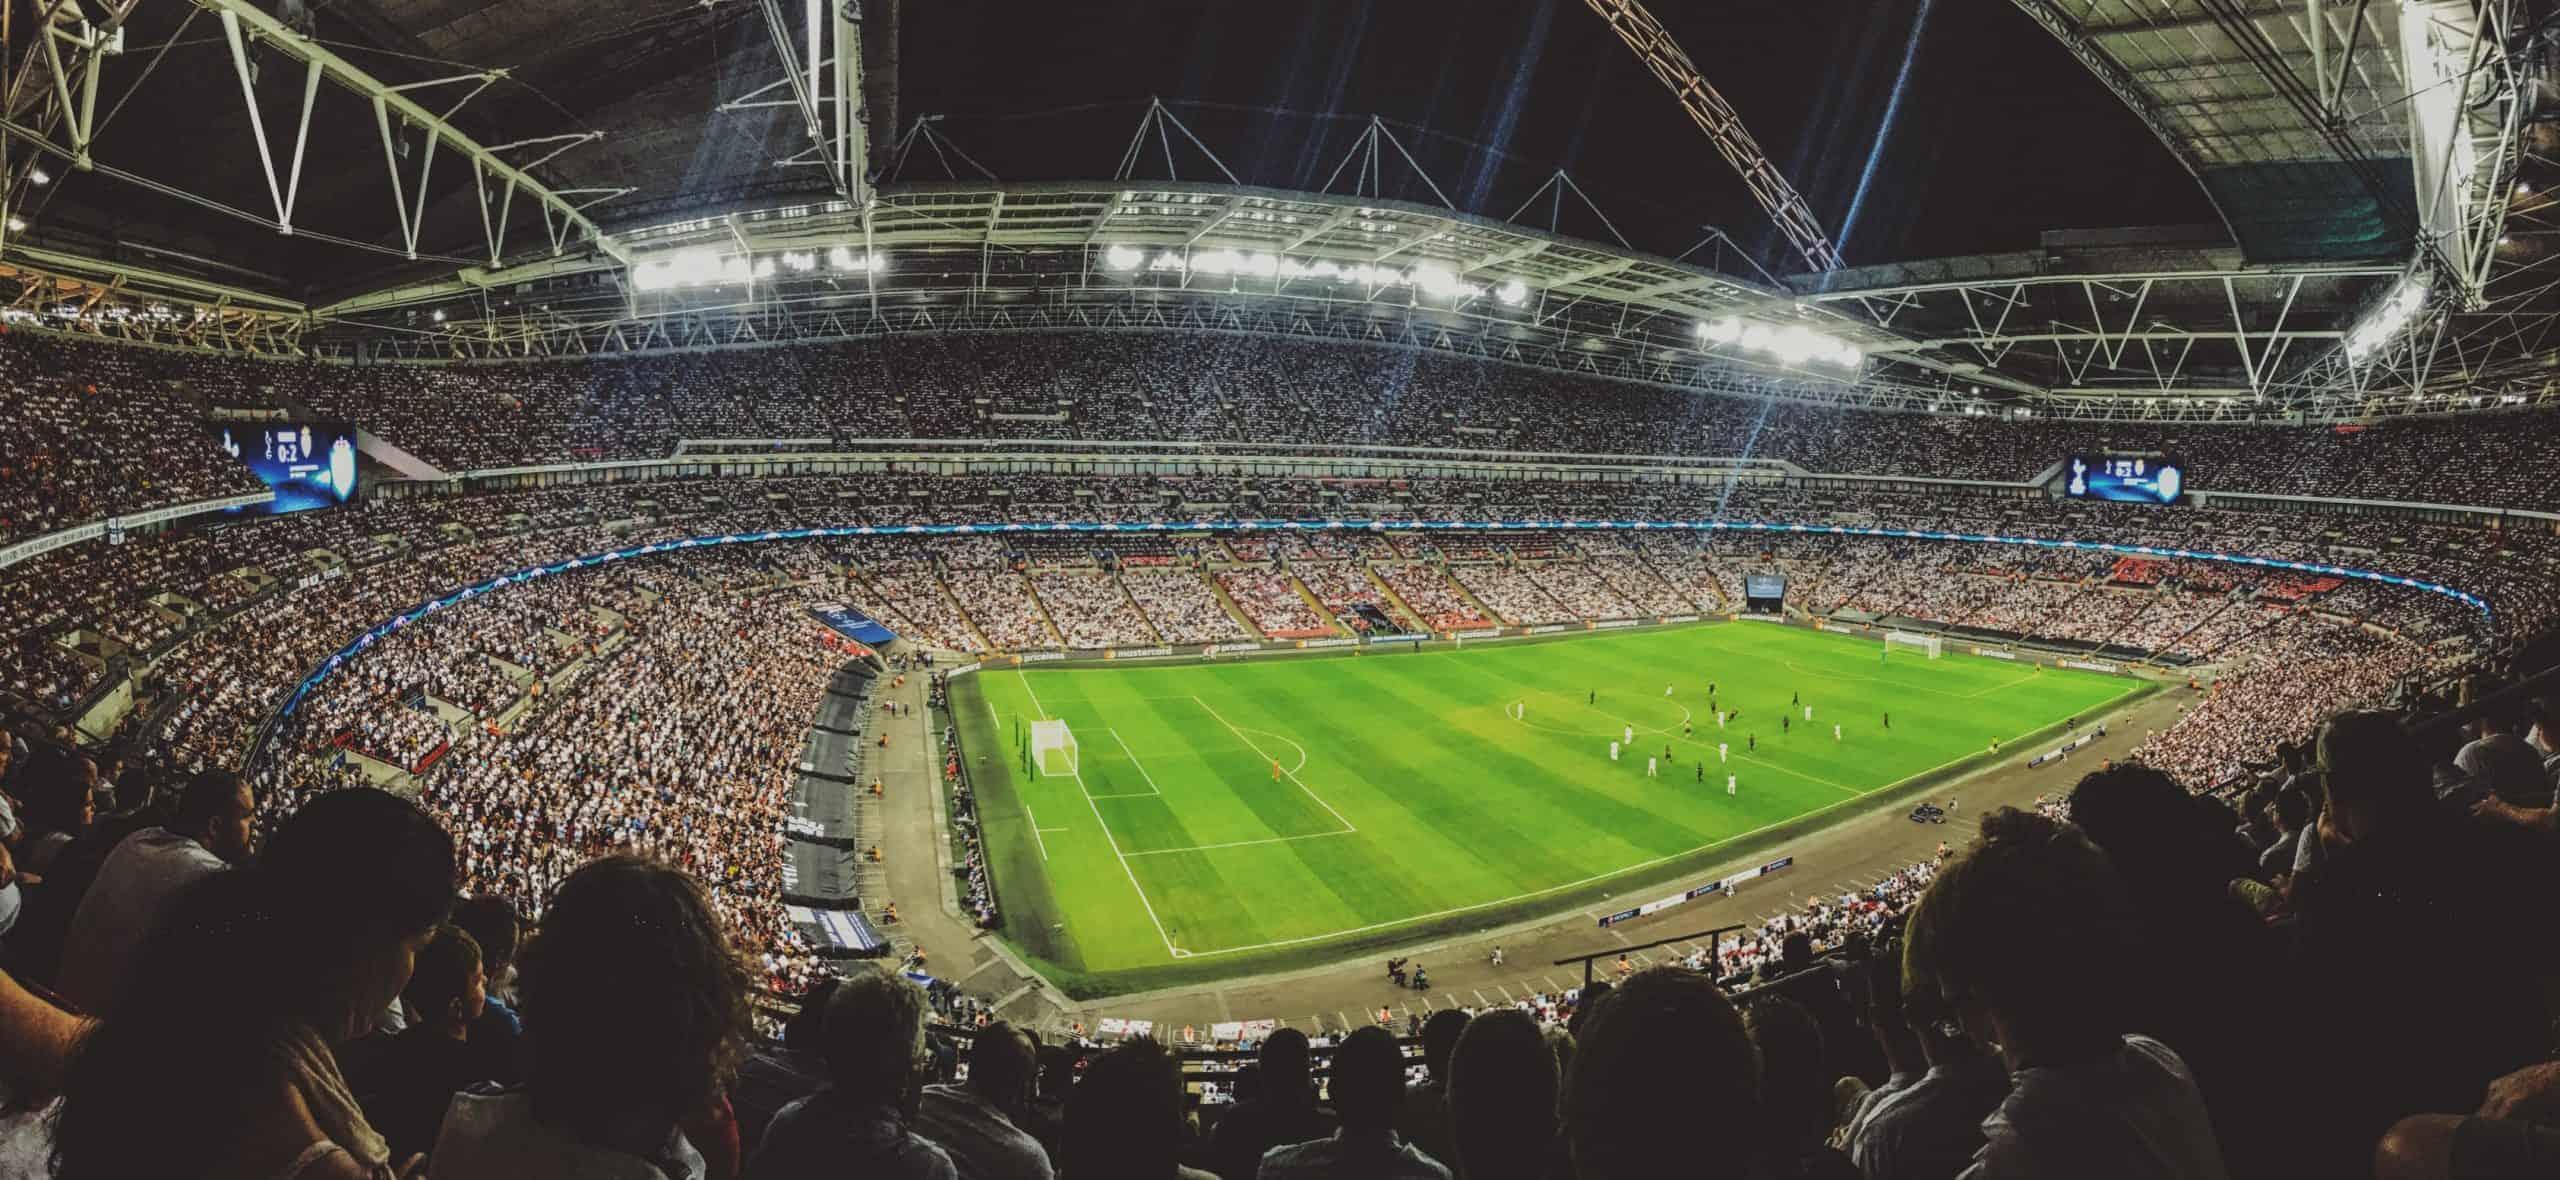 L'Emirates Stadium: scopri lo stadio dell'Arsenal a Londra 1